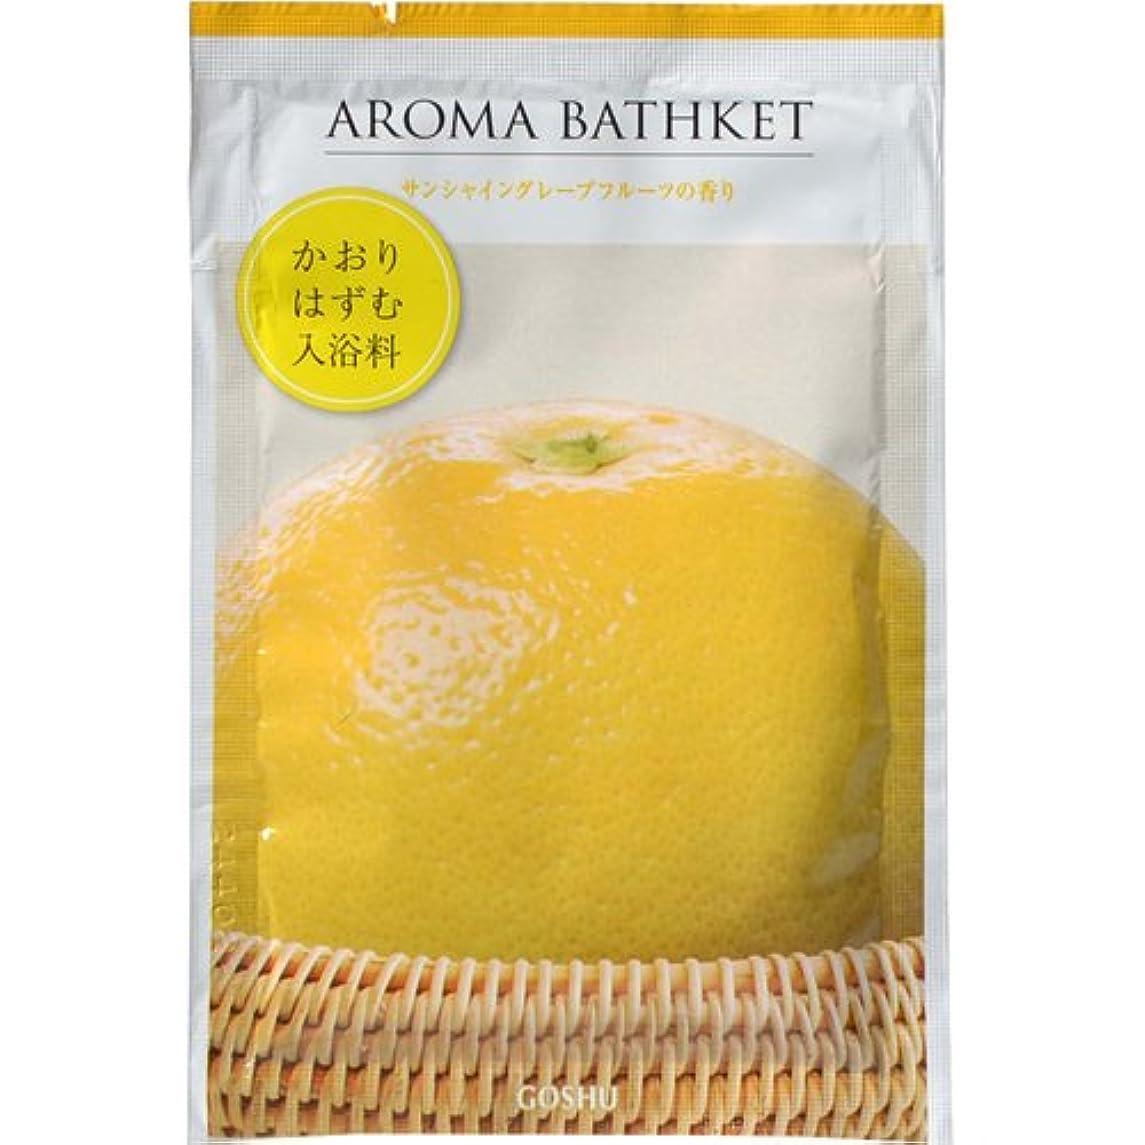 補助ペンス語アロマバスケット サンシャイングレープフルーツの香り 25g